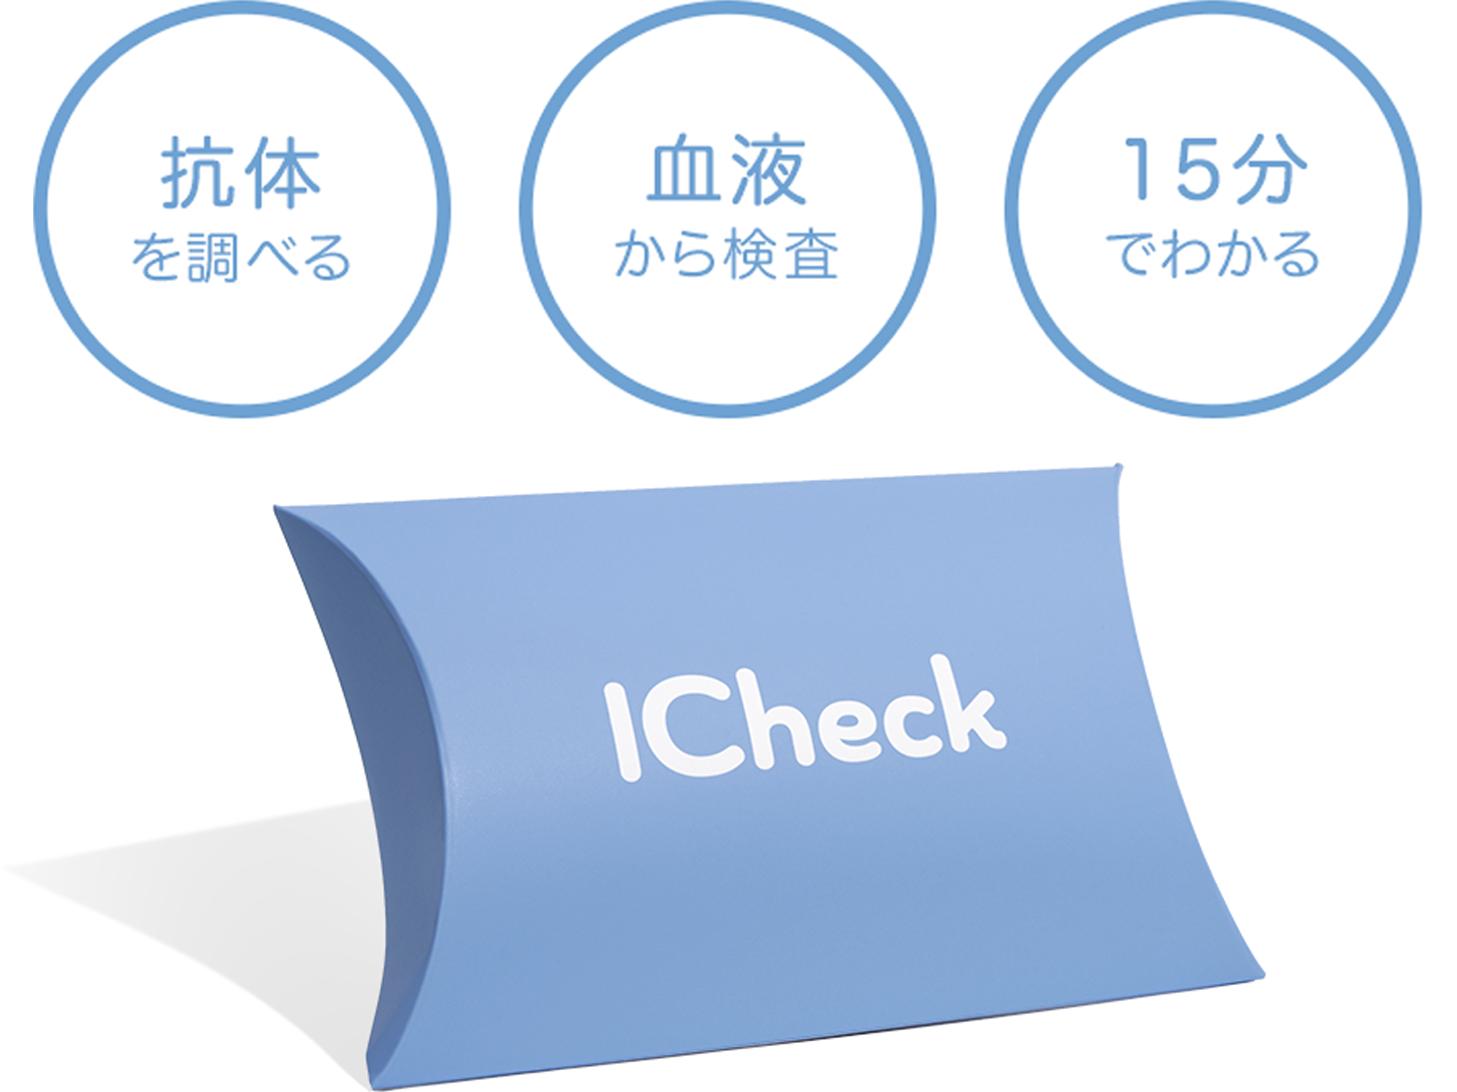 ICheck抗体検査 2,980円(税抜)5万人様限定価格!